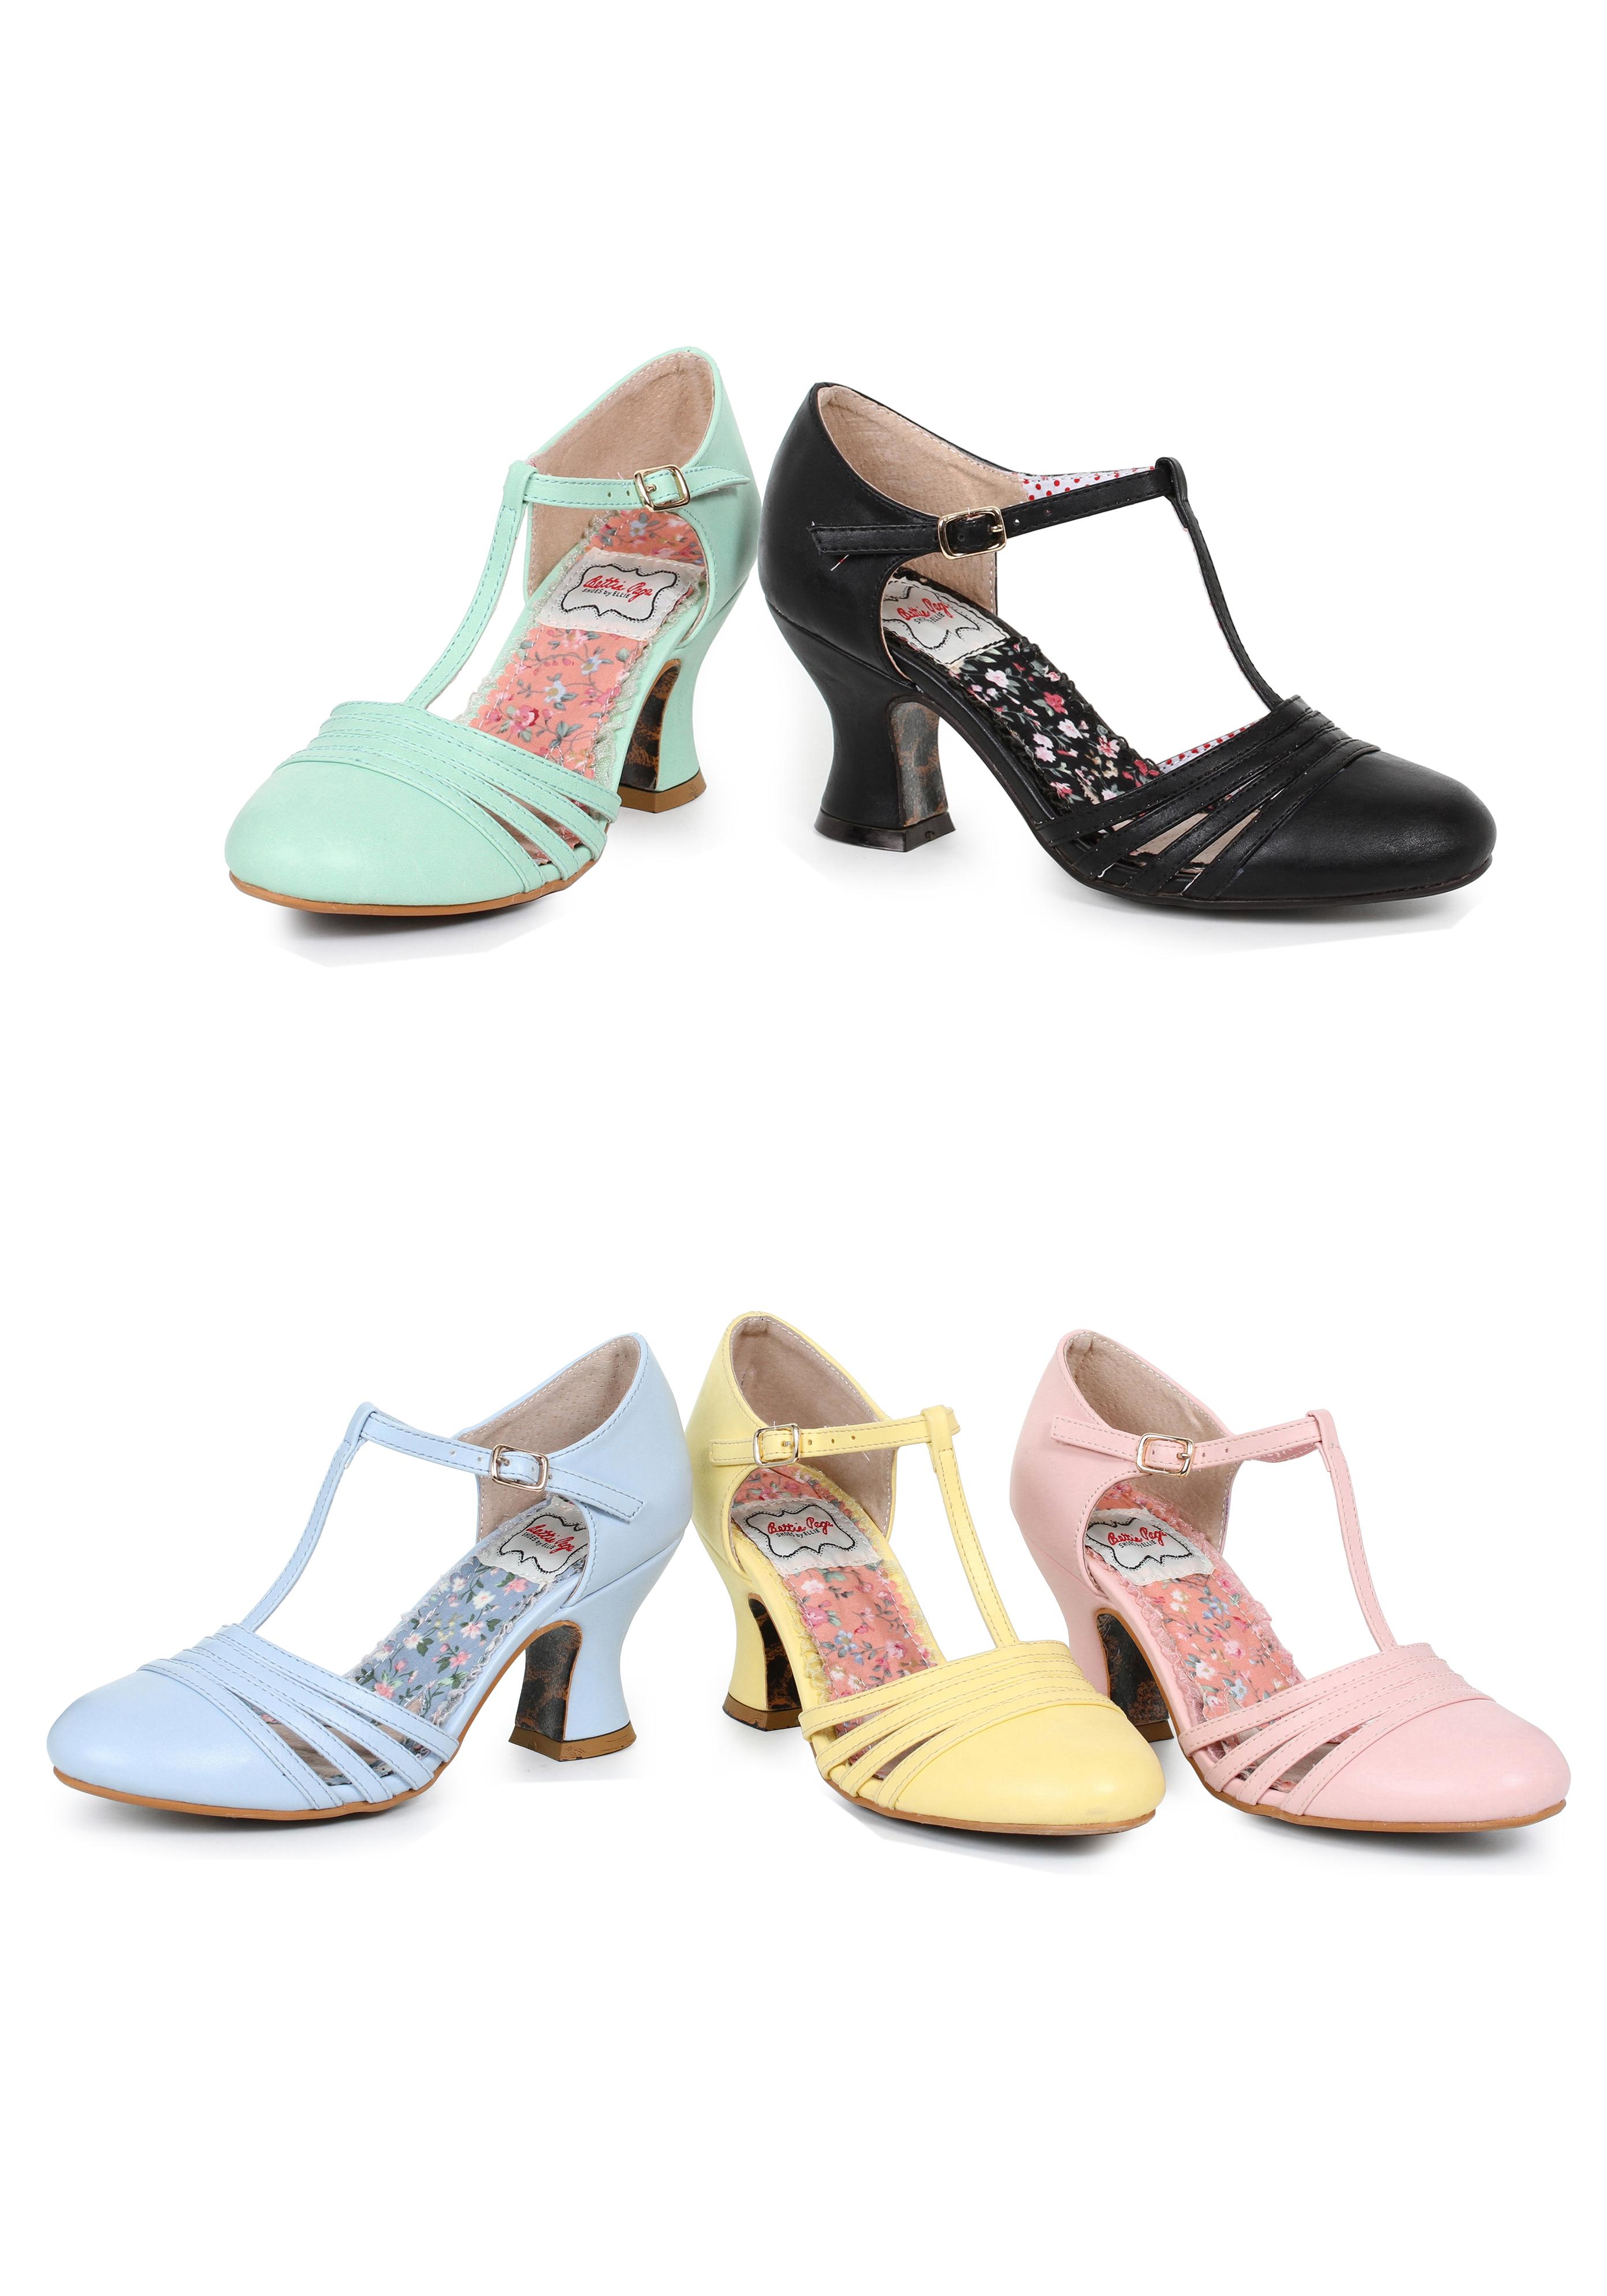 Ellie Schuhes BP254-LUCY T 2.5 Inch T BP254-LUCY Strap Heel 1042da